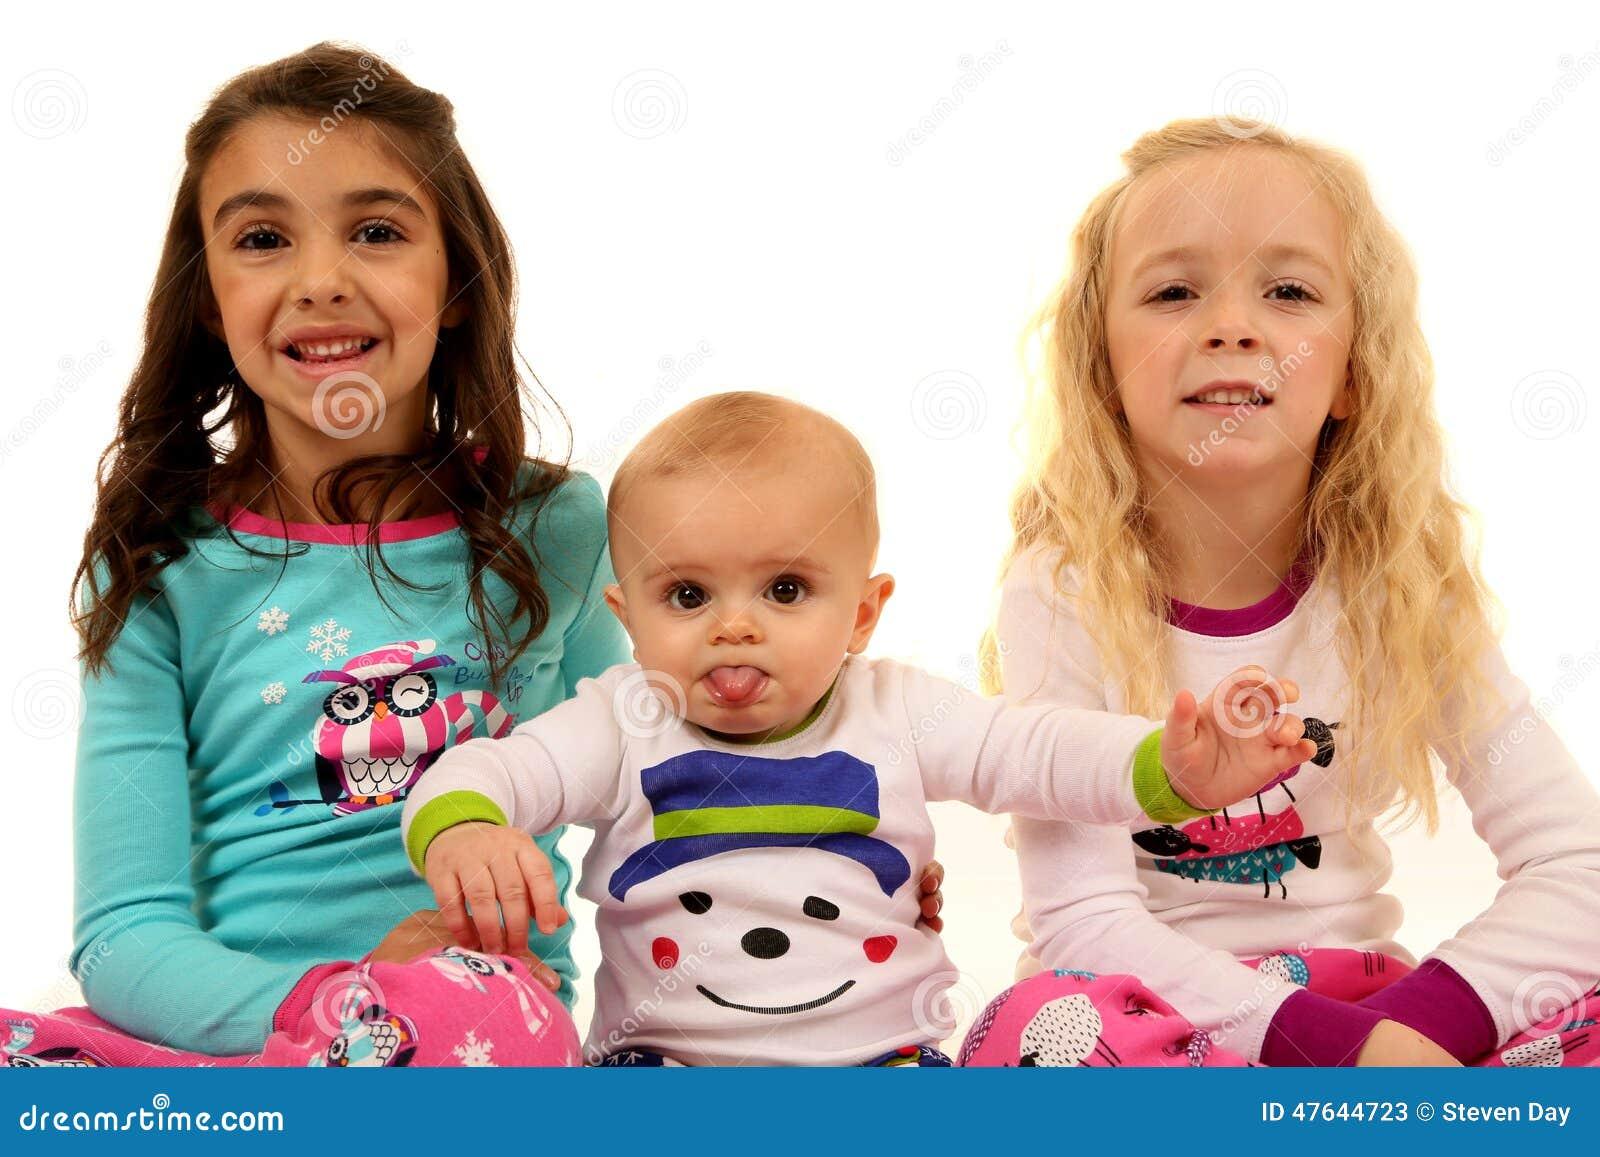 Χαριτωμένοι νεαροί που φορούν τις χειμερινές πυτζάμες με μια αστεία έκφραση